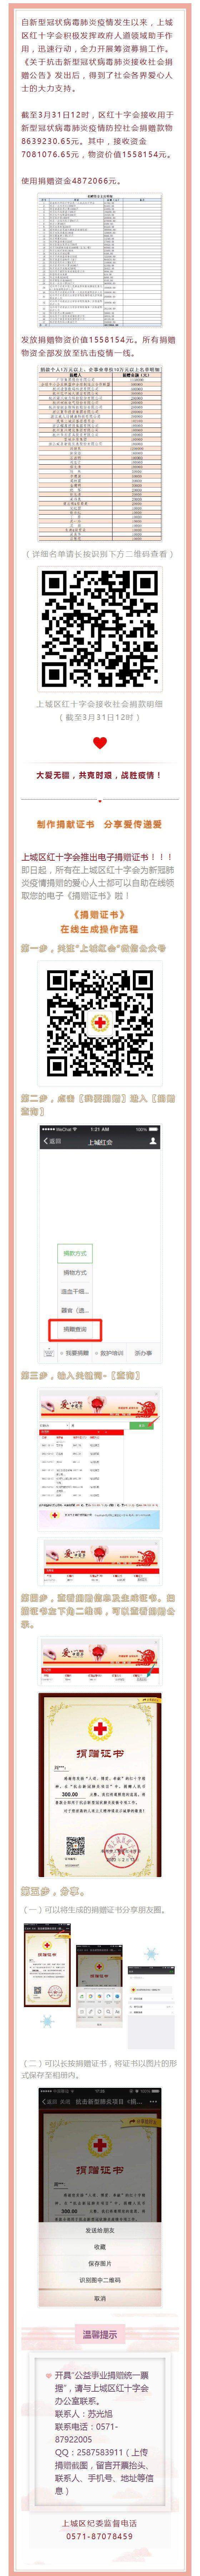 上城区红十字会接收社会捐赠情况公示(截至3月31日12时)